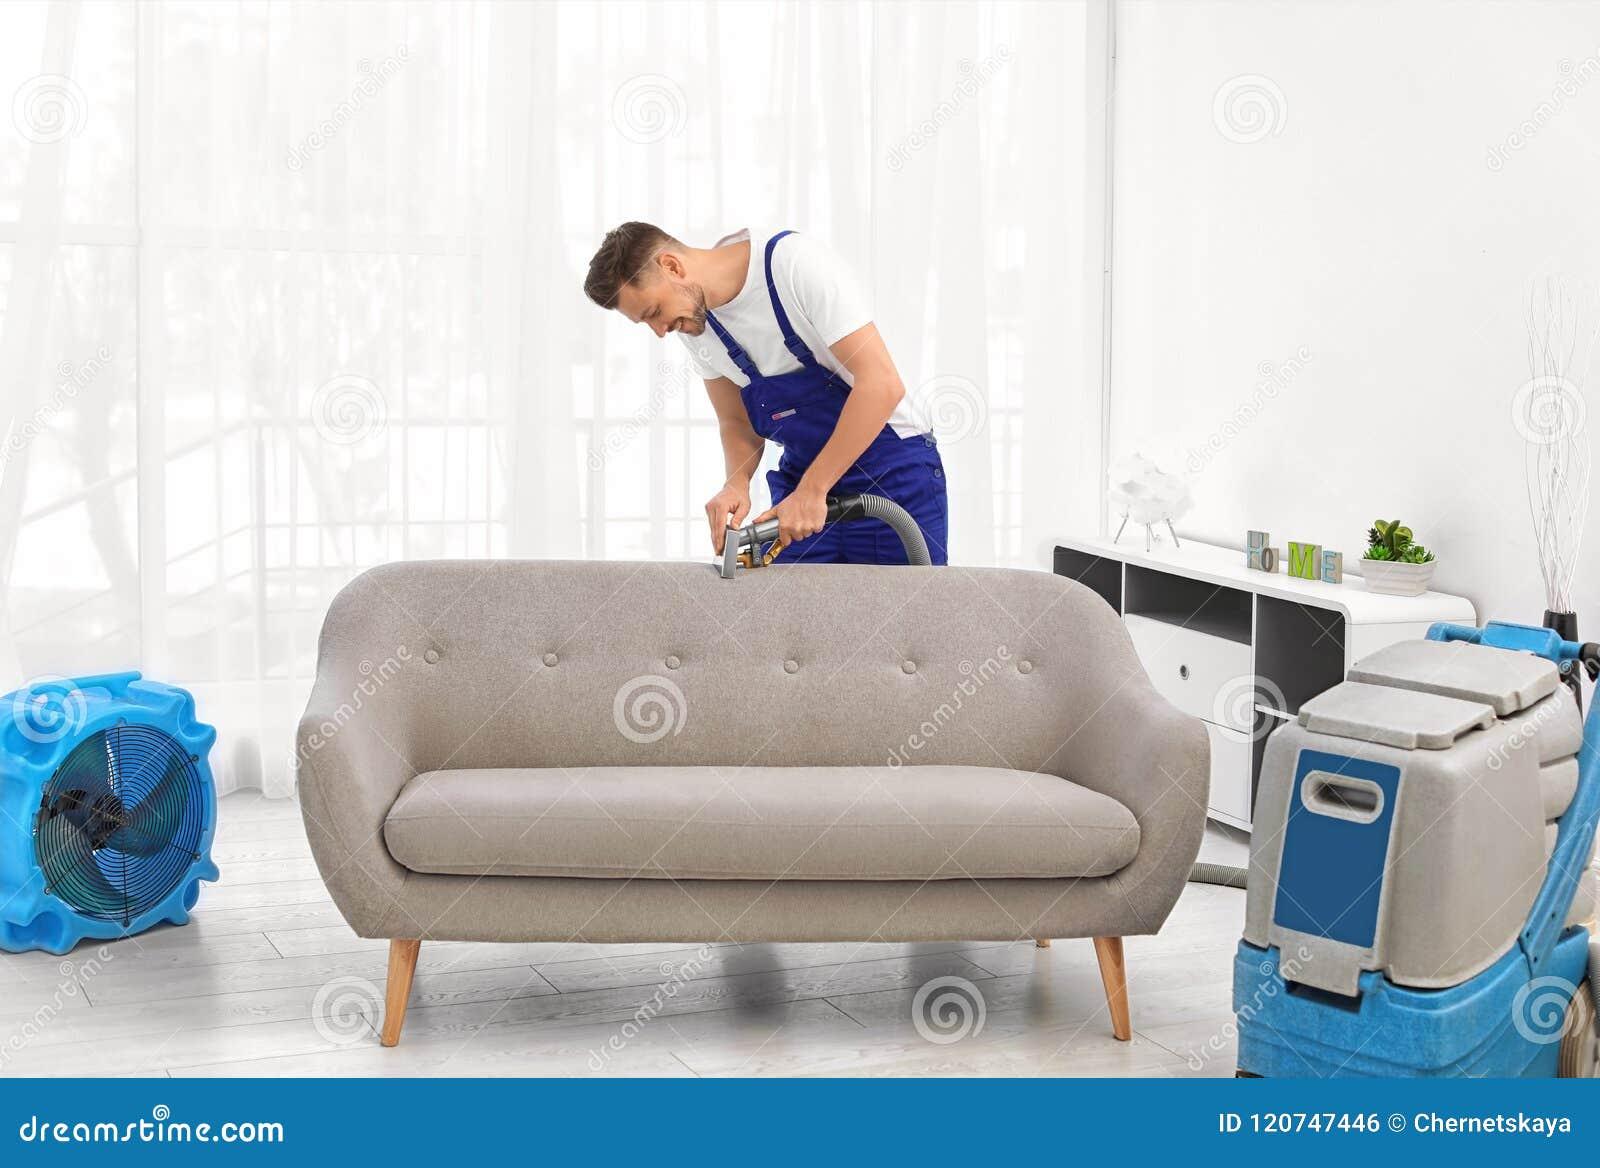 Lavoratore di lavaggio a secco che rimuove sporcizia dal sofà